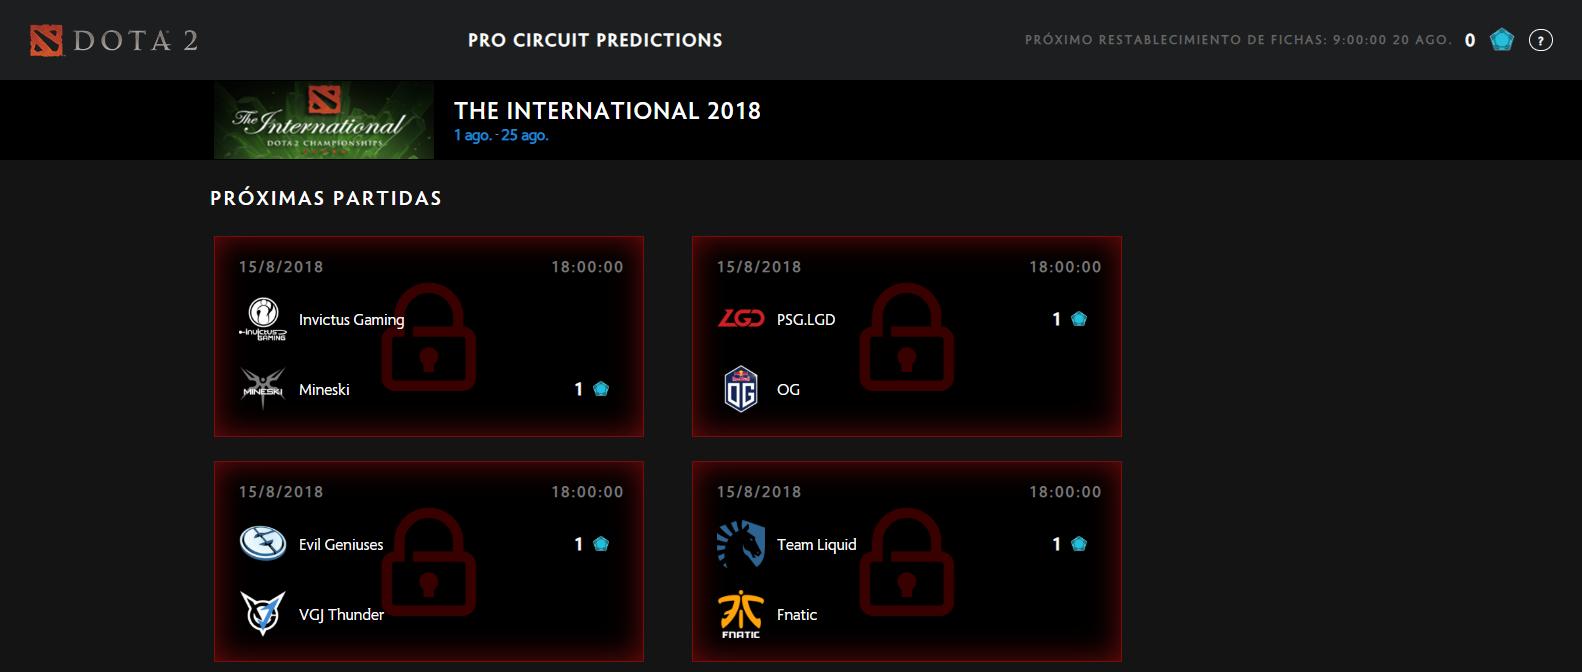 Las predicciones del Circuito Competitivo de Dota 2 suponen otra fuente de niveles de Compendio que puedes conseguir en estas fechas aparte de la Fantasy League del International